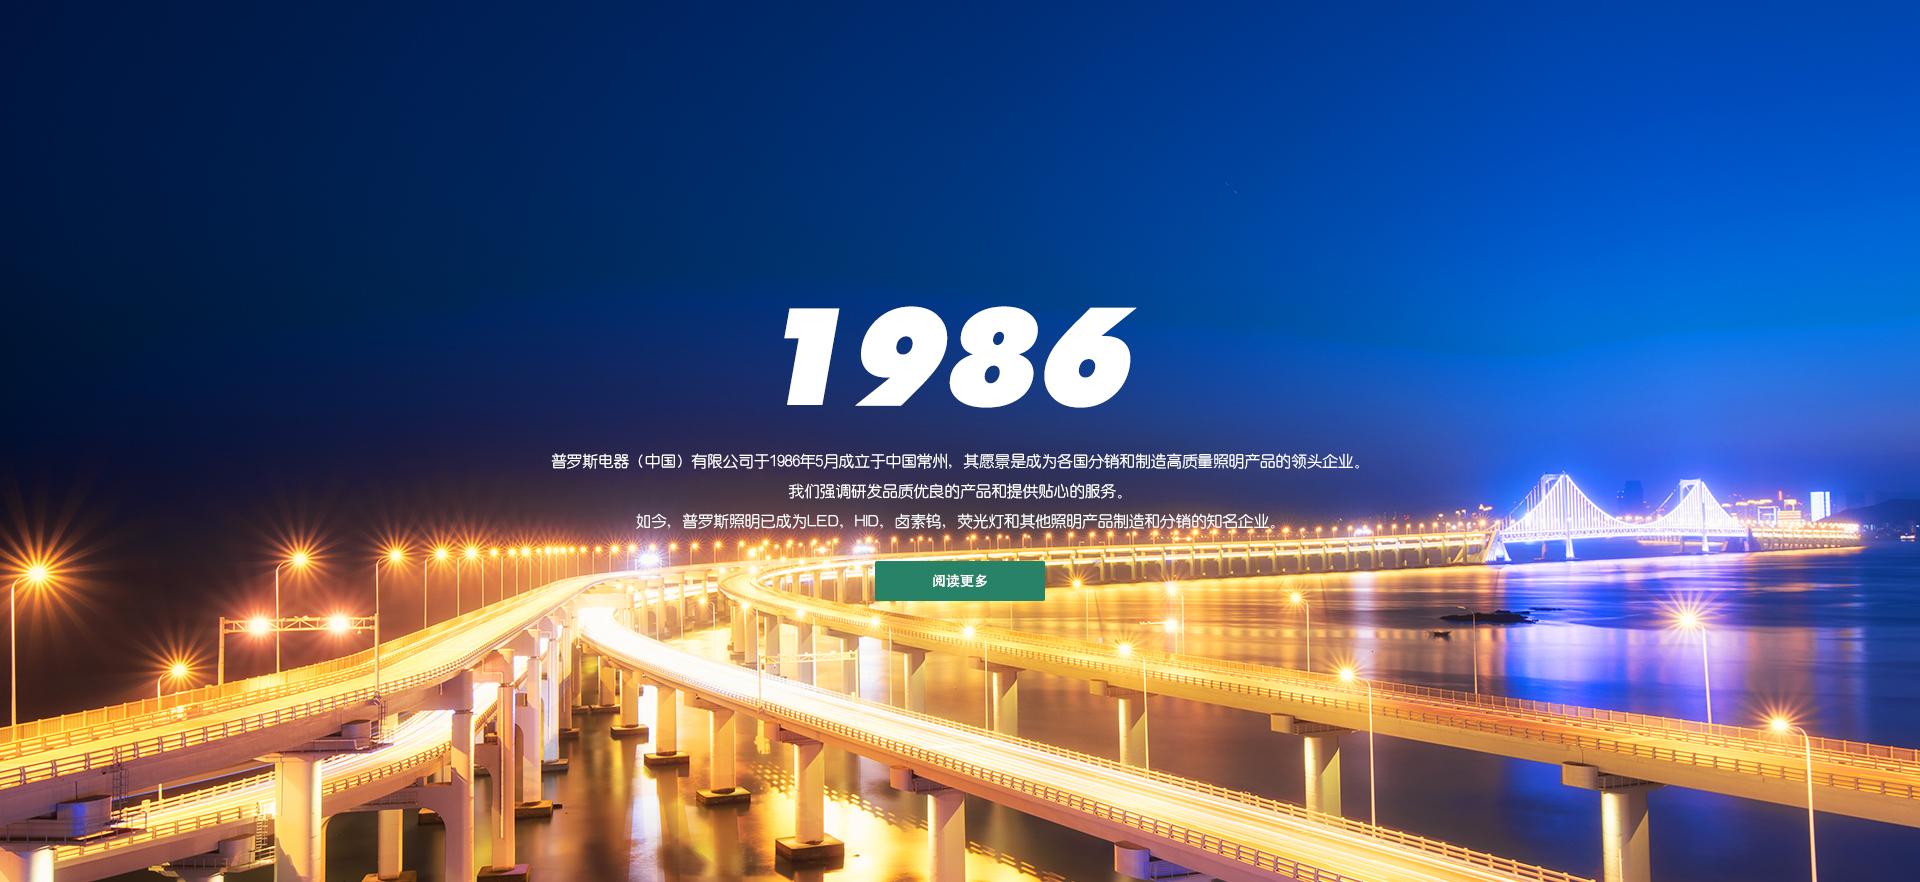 普罗斯电器(中国)有限公司